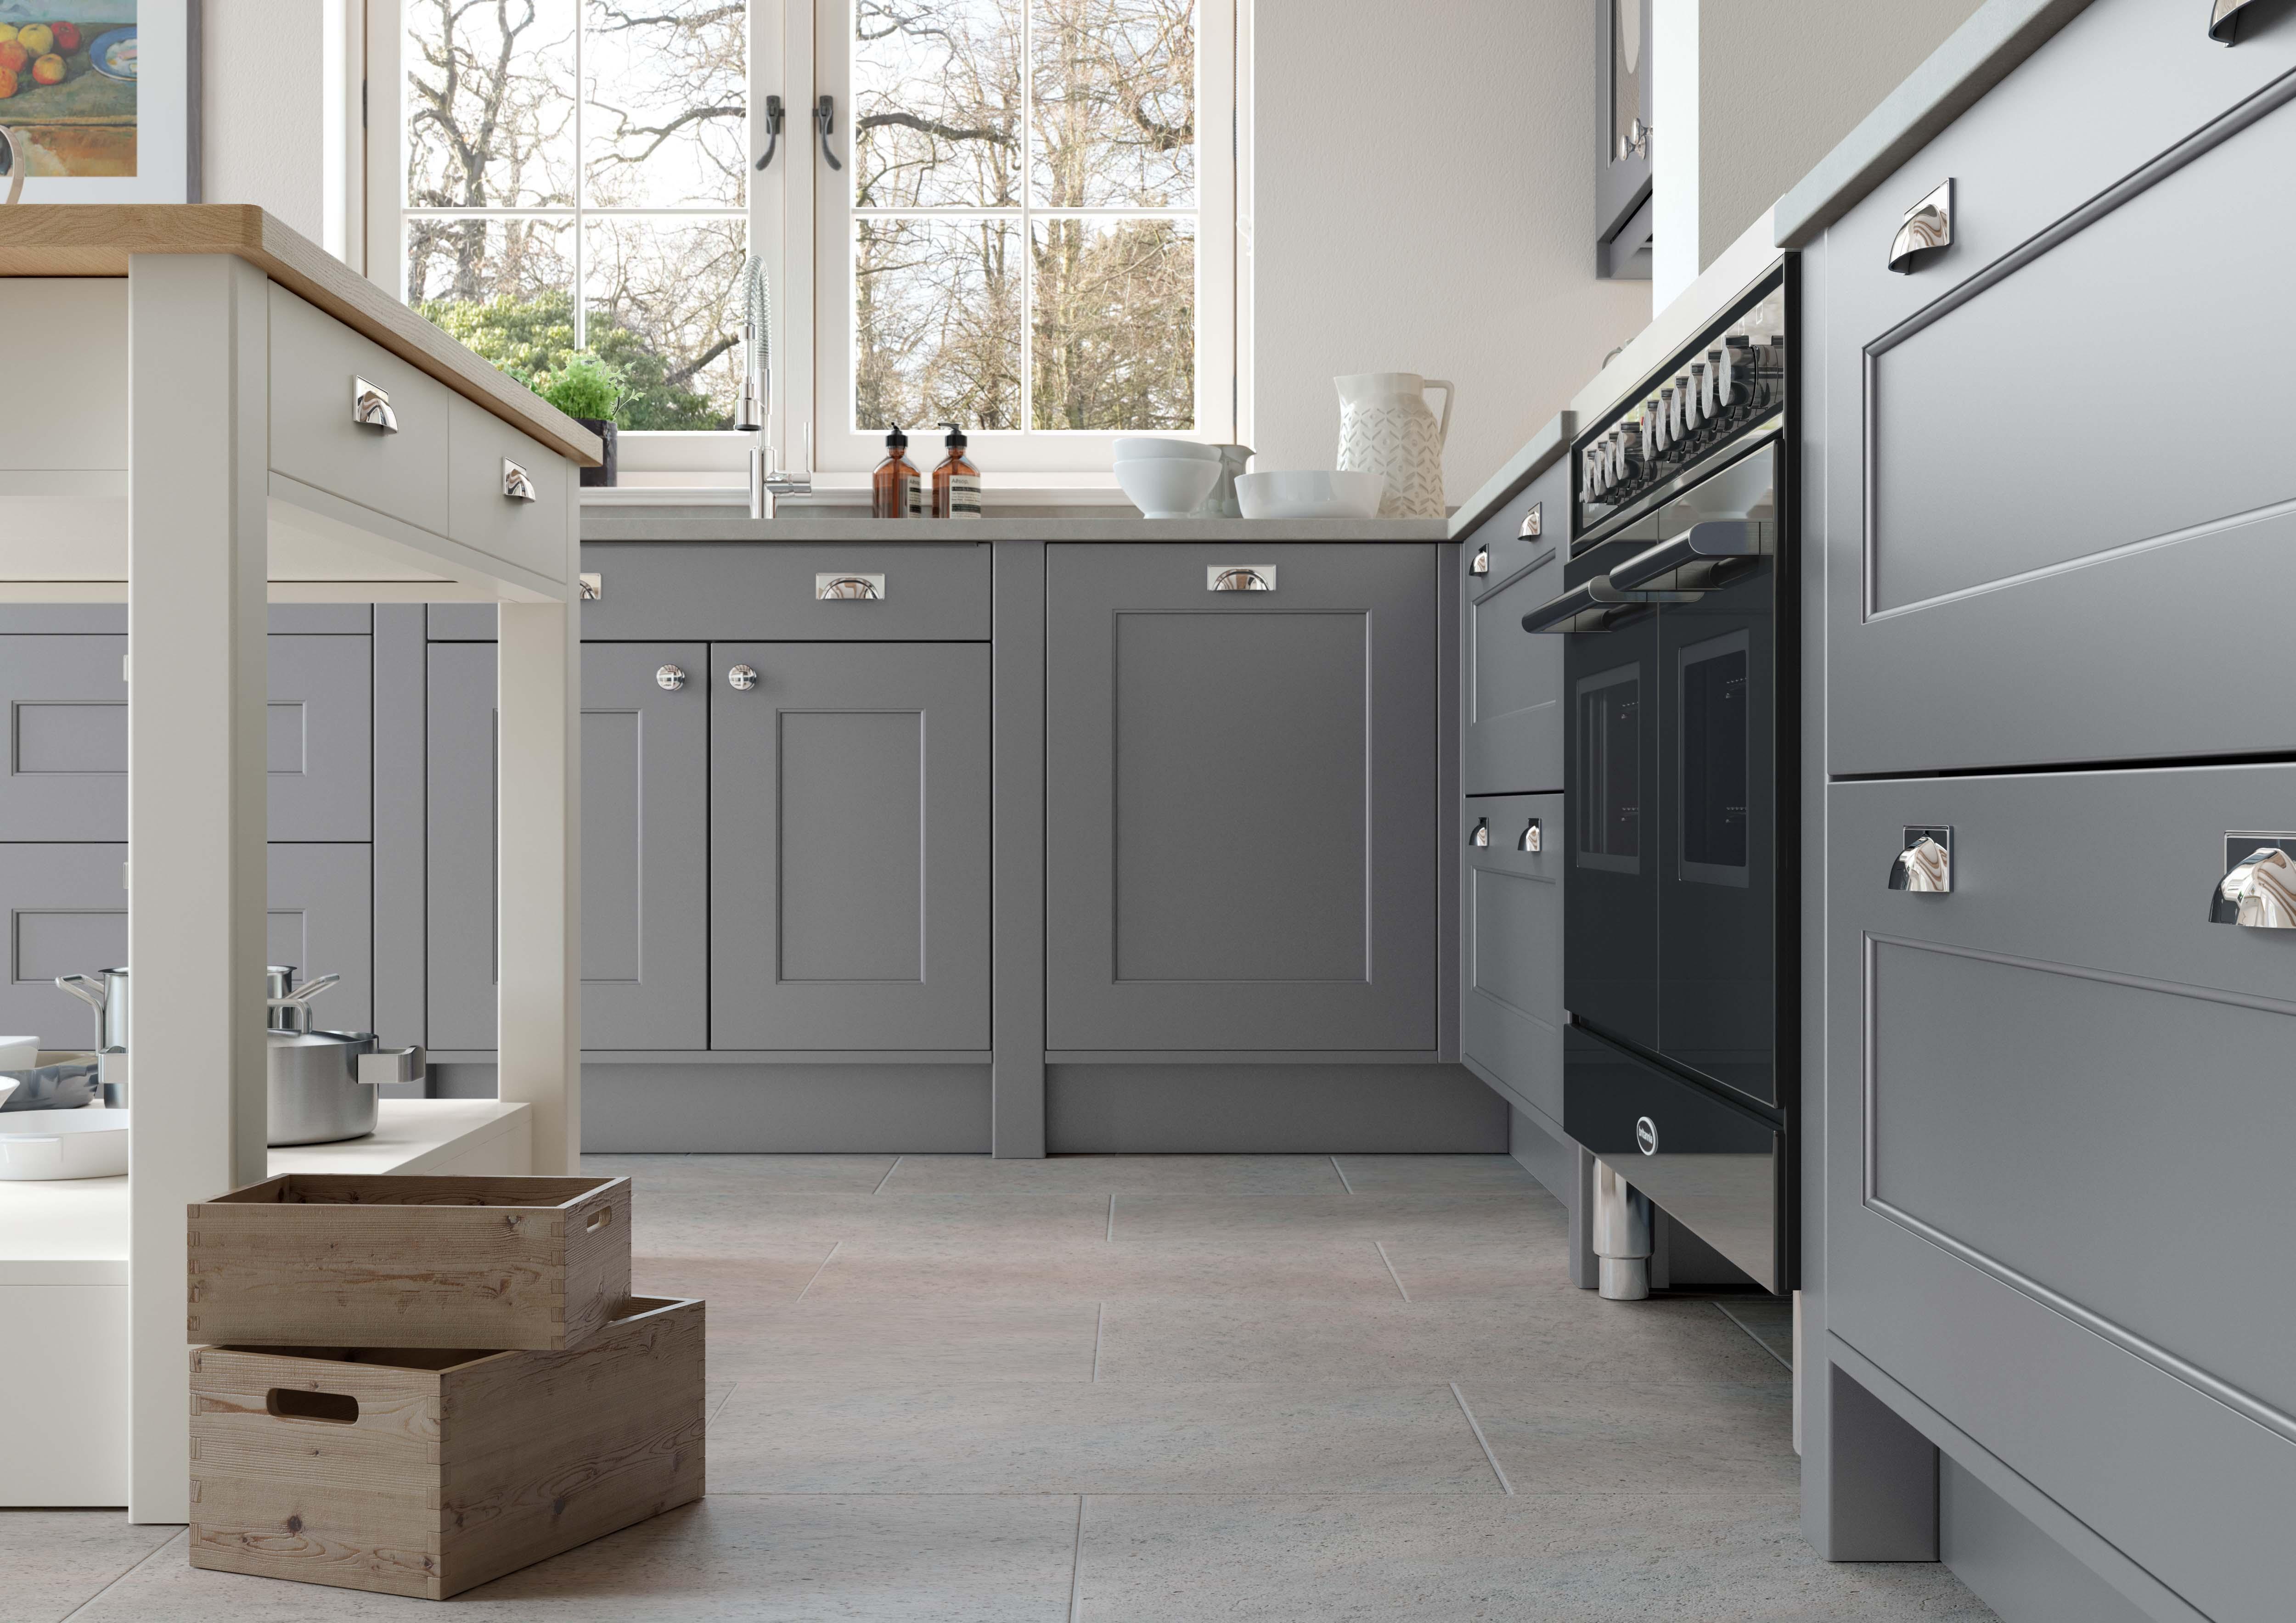 Treloy kitchen Crestwood of Lymington